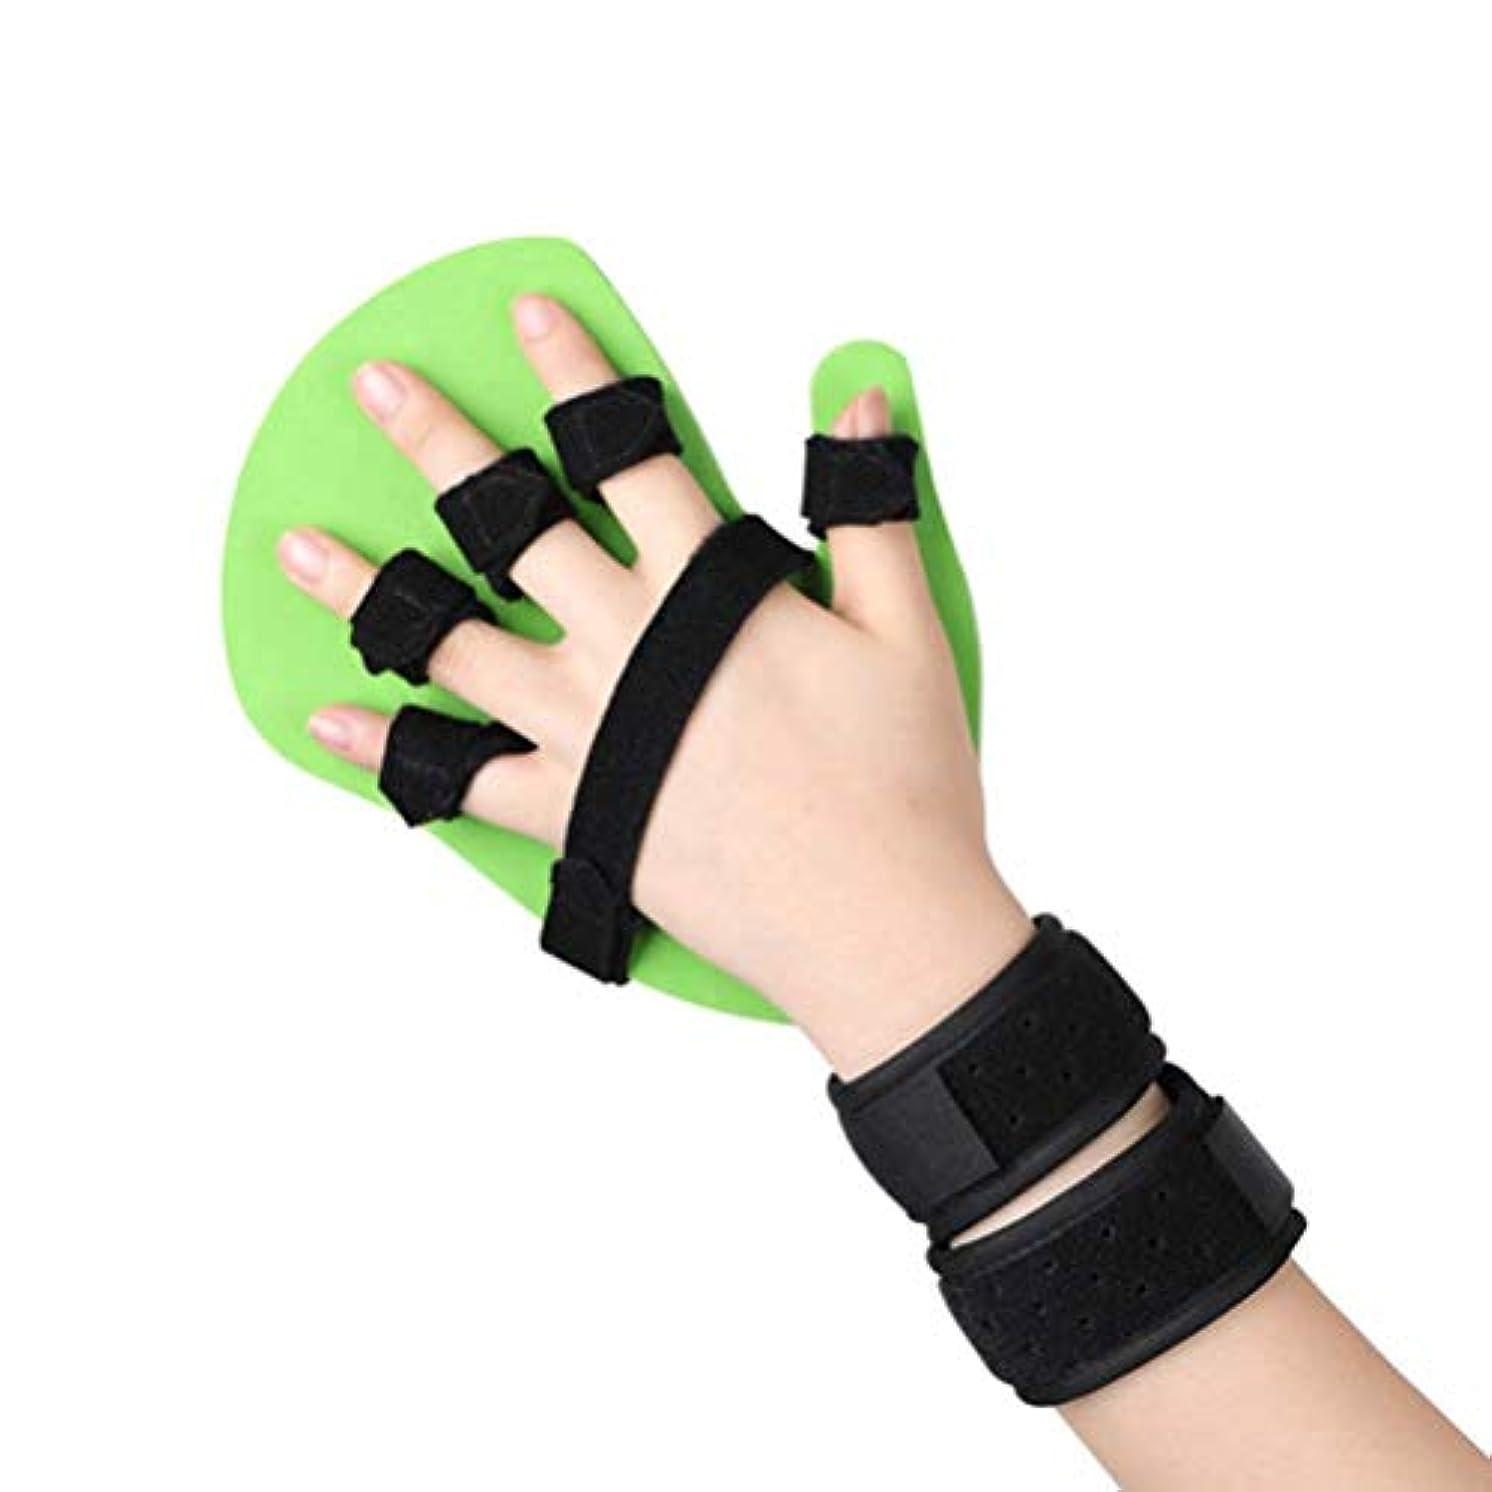 軽カウンターパート請求セパレータインソールフィンガートレーニングデバイスフィンガースプリント指、手の手首のトレーニング装具デバイスブレースサポート攣縮拡張ボードスプリント脳卒中片麻痺、左右の手指 (Color : Left, Size : L)